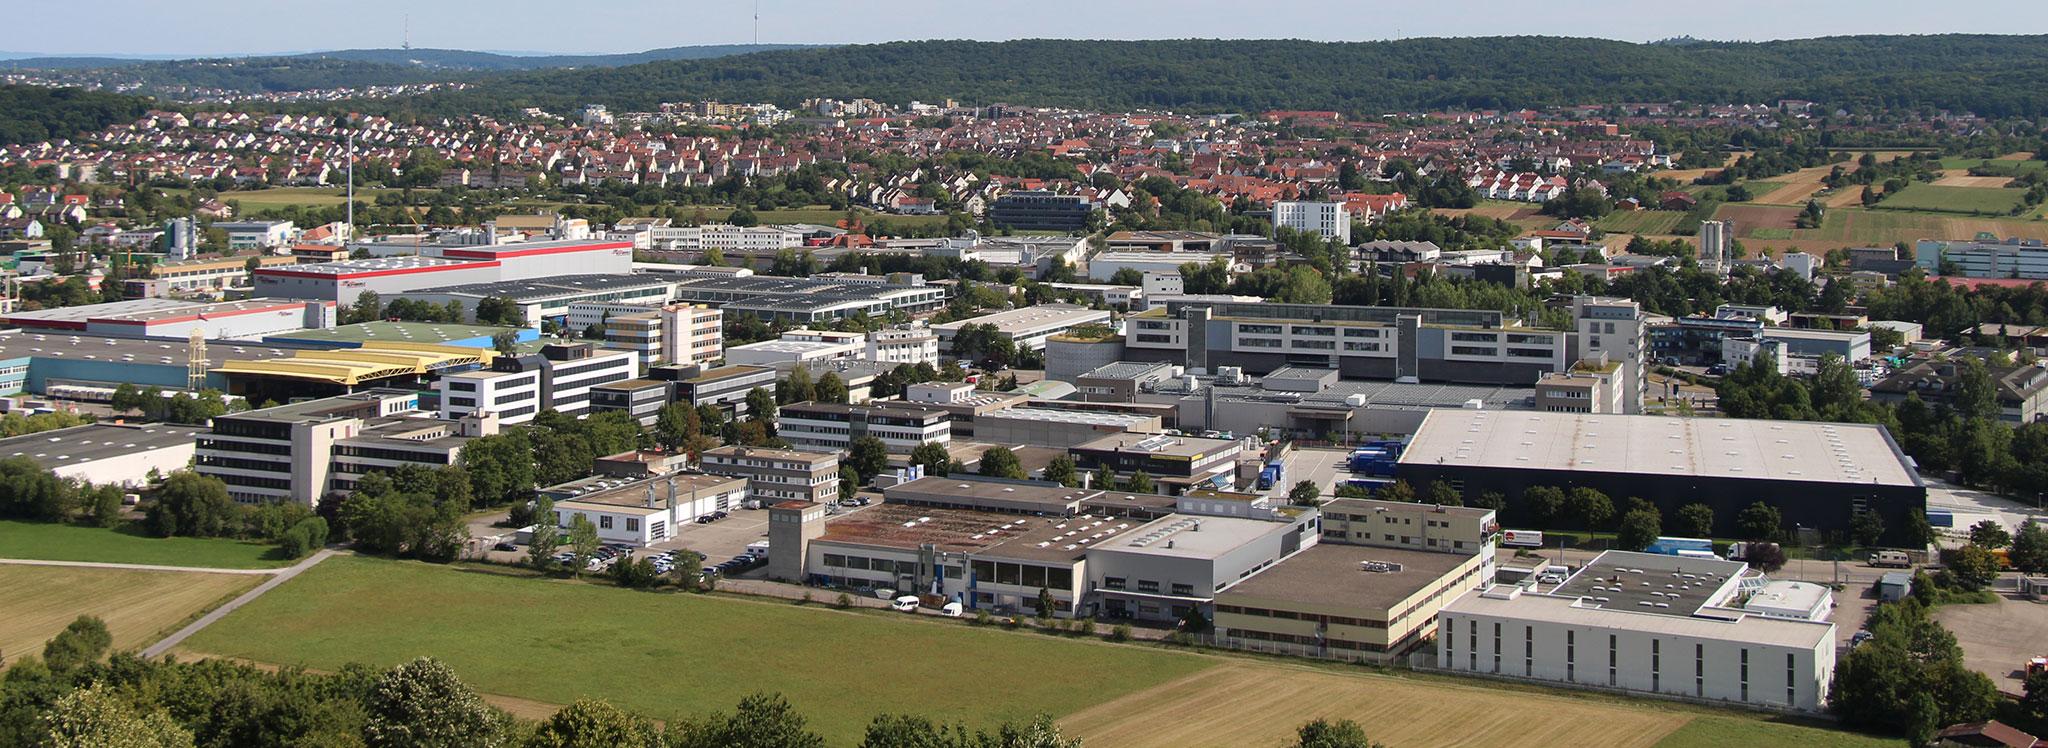 Handel und Gewerbe in Weilimdorf